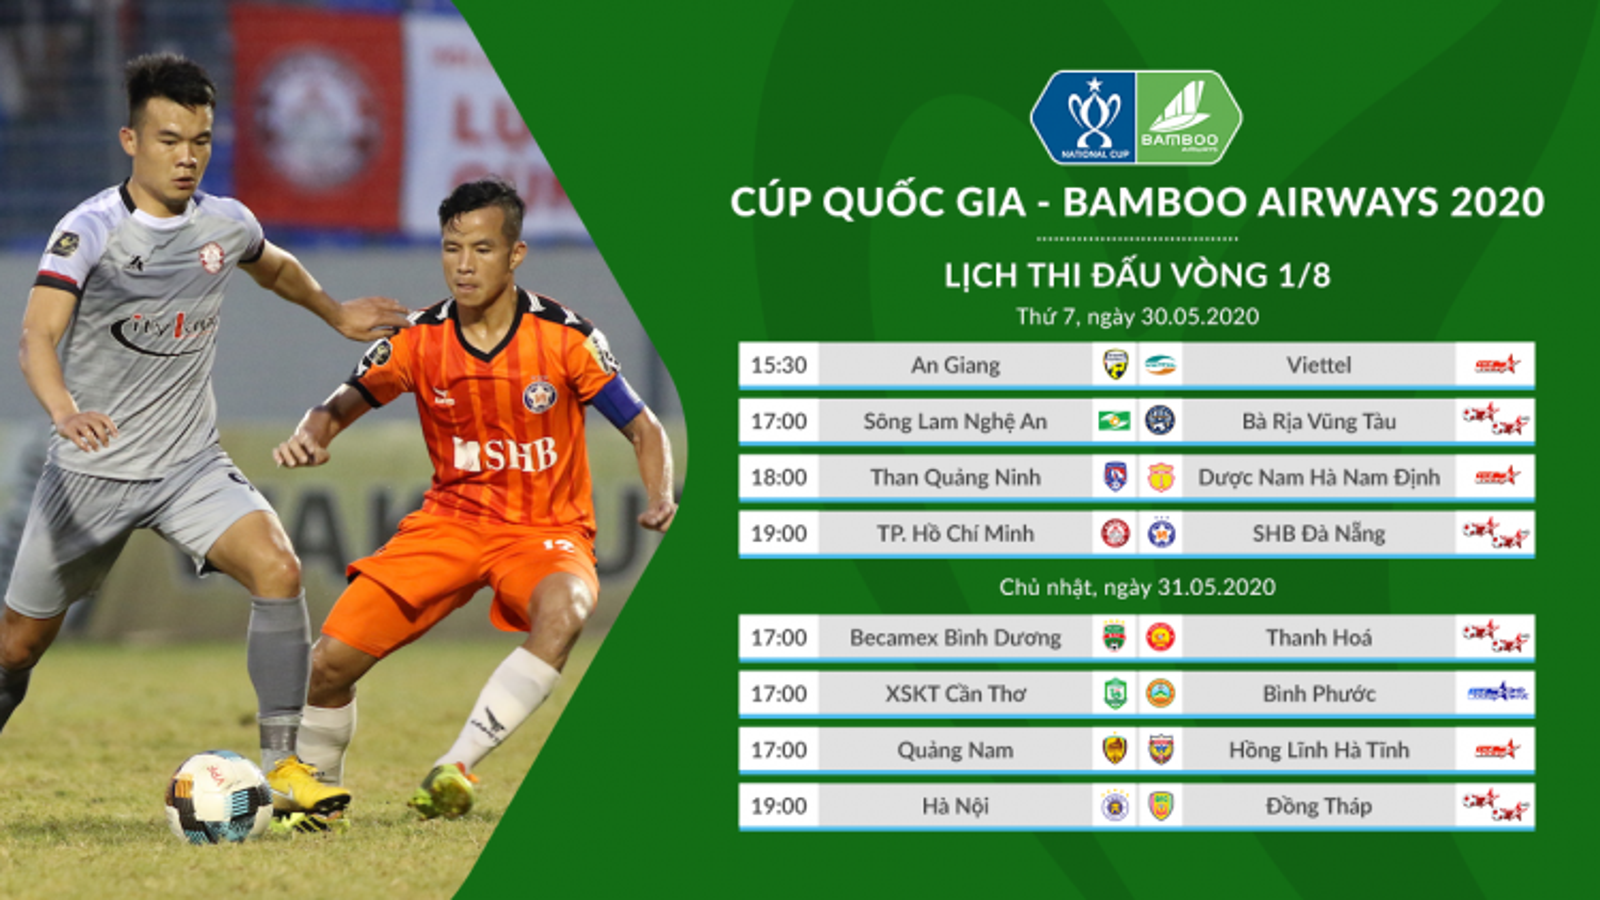 Lịch bóng đá hôm nay 30/5: TPHCM đấu Đà Nẵng, Quảng Ninh tiếp Nam Định